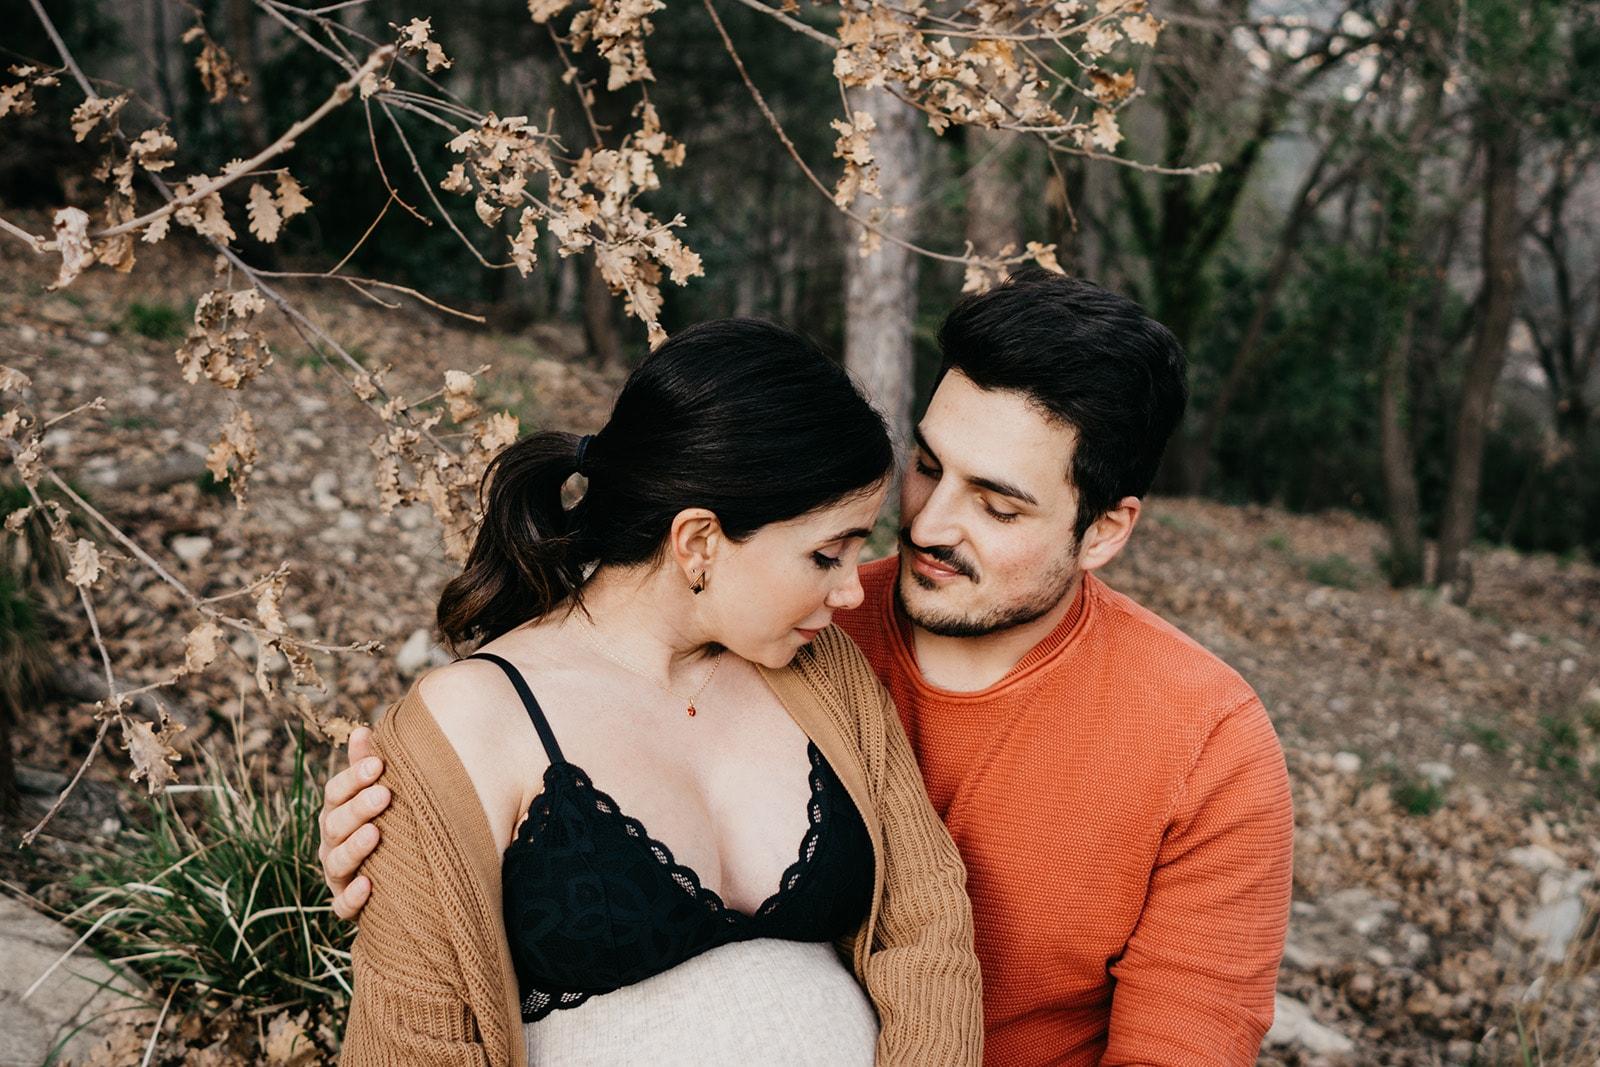 Rebecca Rinaldi fotografia maternità e gravidanza Genova. Futura mamma e futuro papà appoggiati ad un albero si coccolano con occhi chiusi.